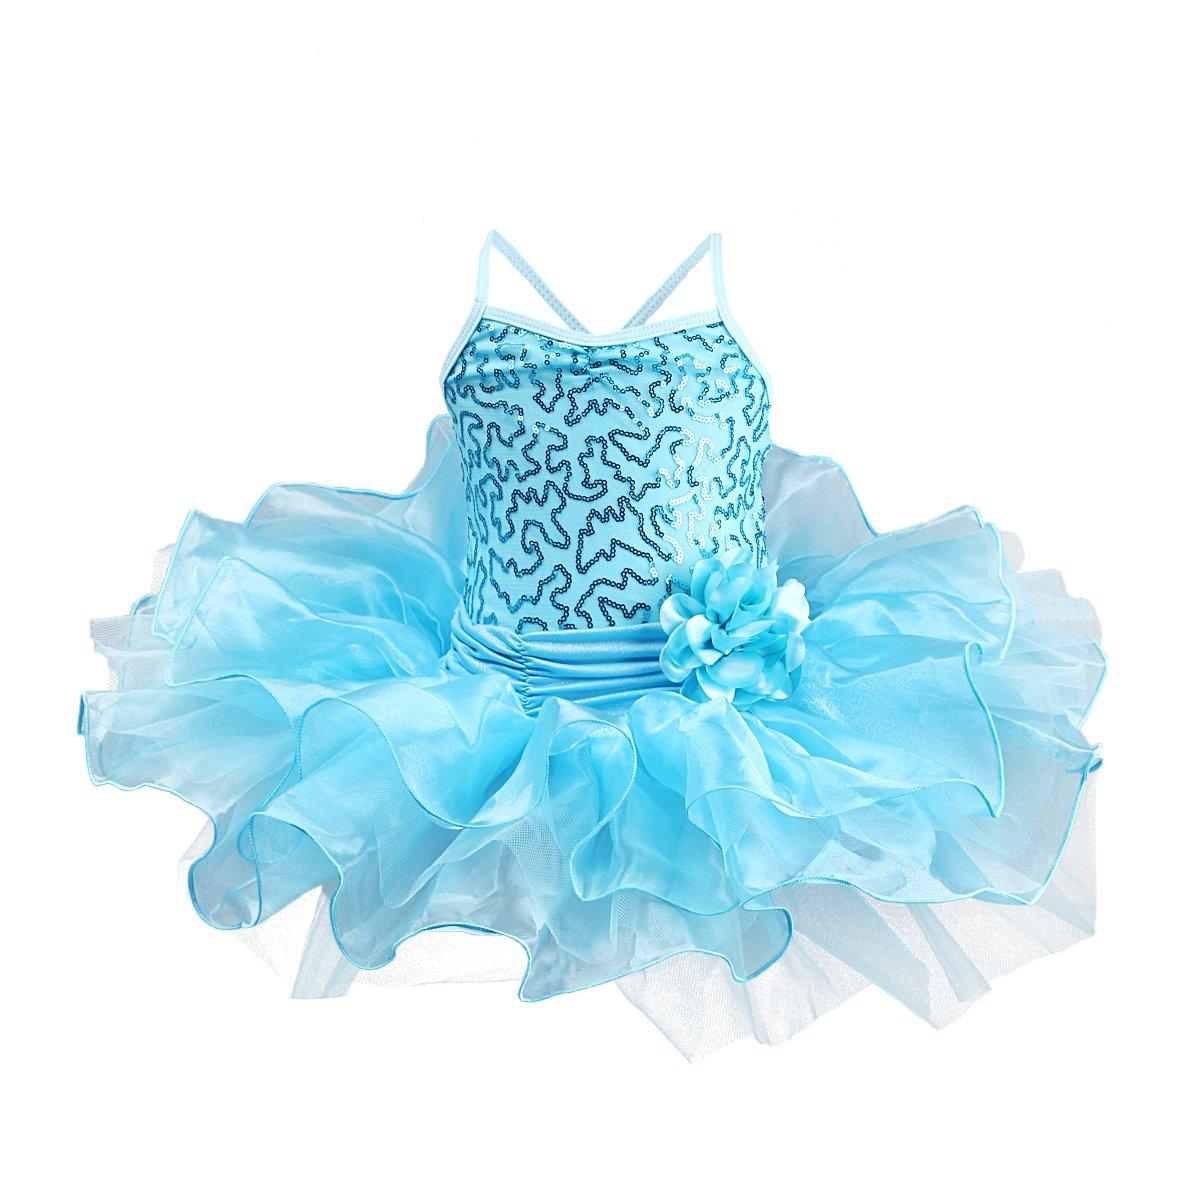 人気商品 IWEMEK SOCKSHOSIERY 3-4 ブルー IWEMEK ガールズ B074TCRM8P 3-4 ブルー ブルー ブルー 43528, ミサトムラ:1494187e --- 4x4.lt